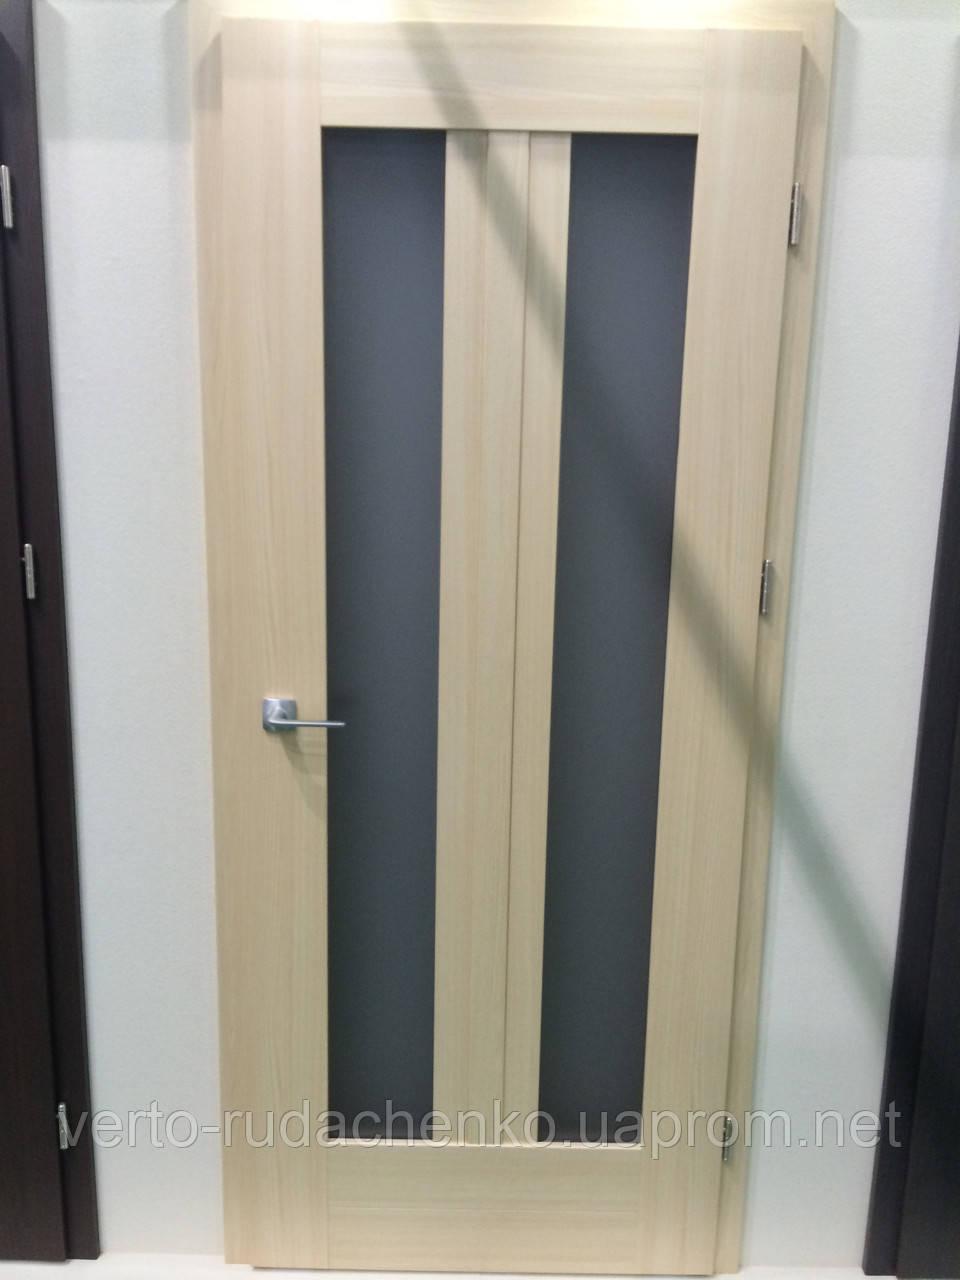 Двери Verto Лада 3А.2 цвет Ясень «Резист»